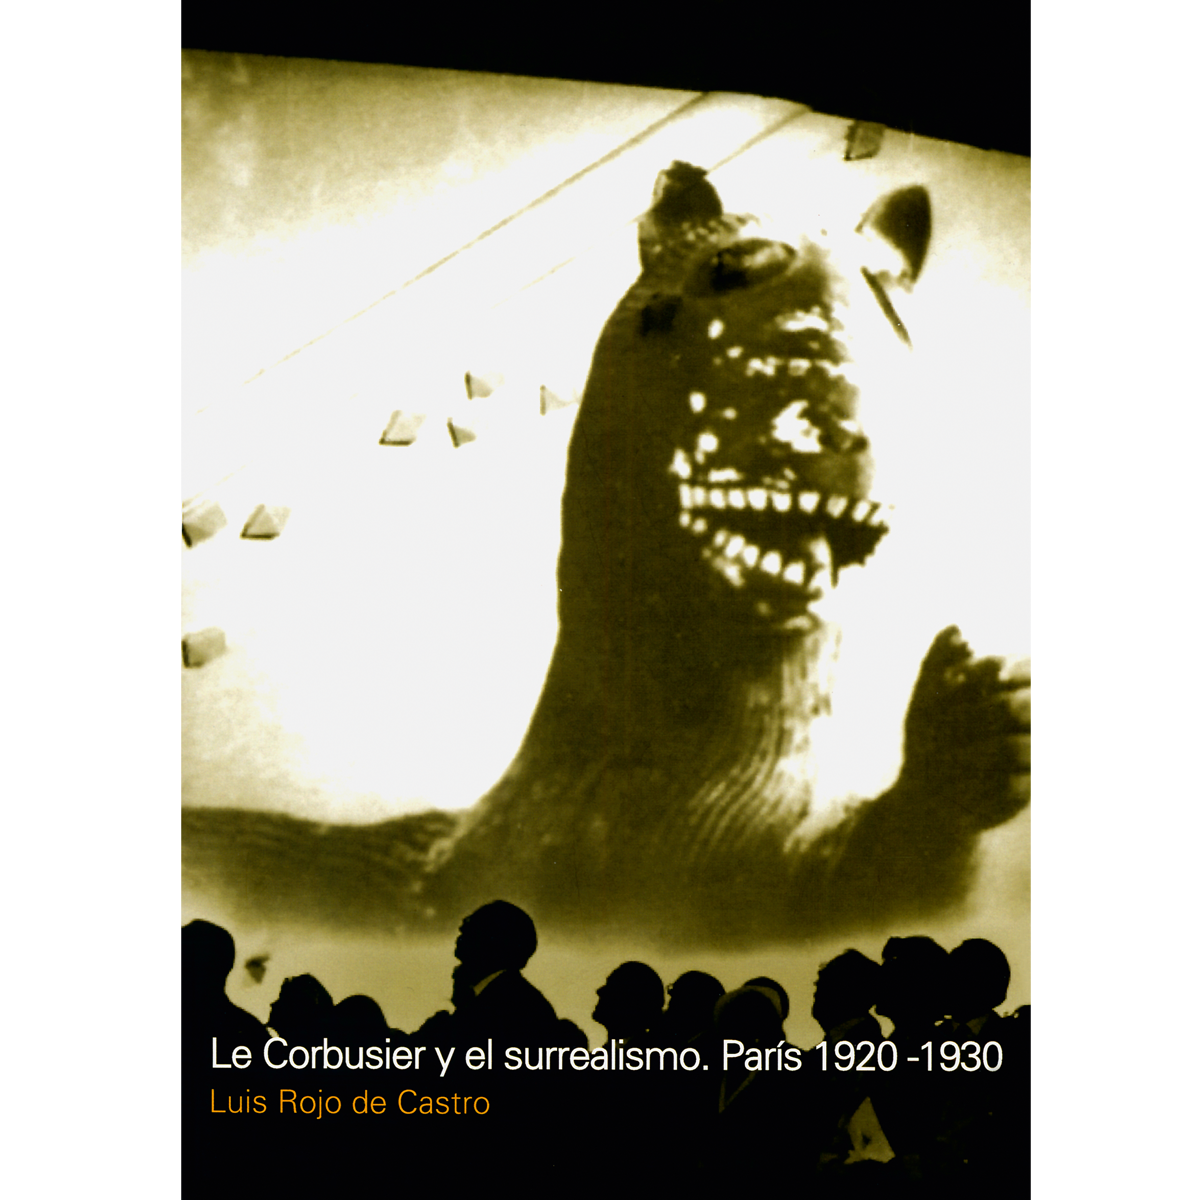 Le Corbusier y el surrealismo. París 1920-1930